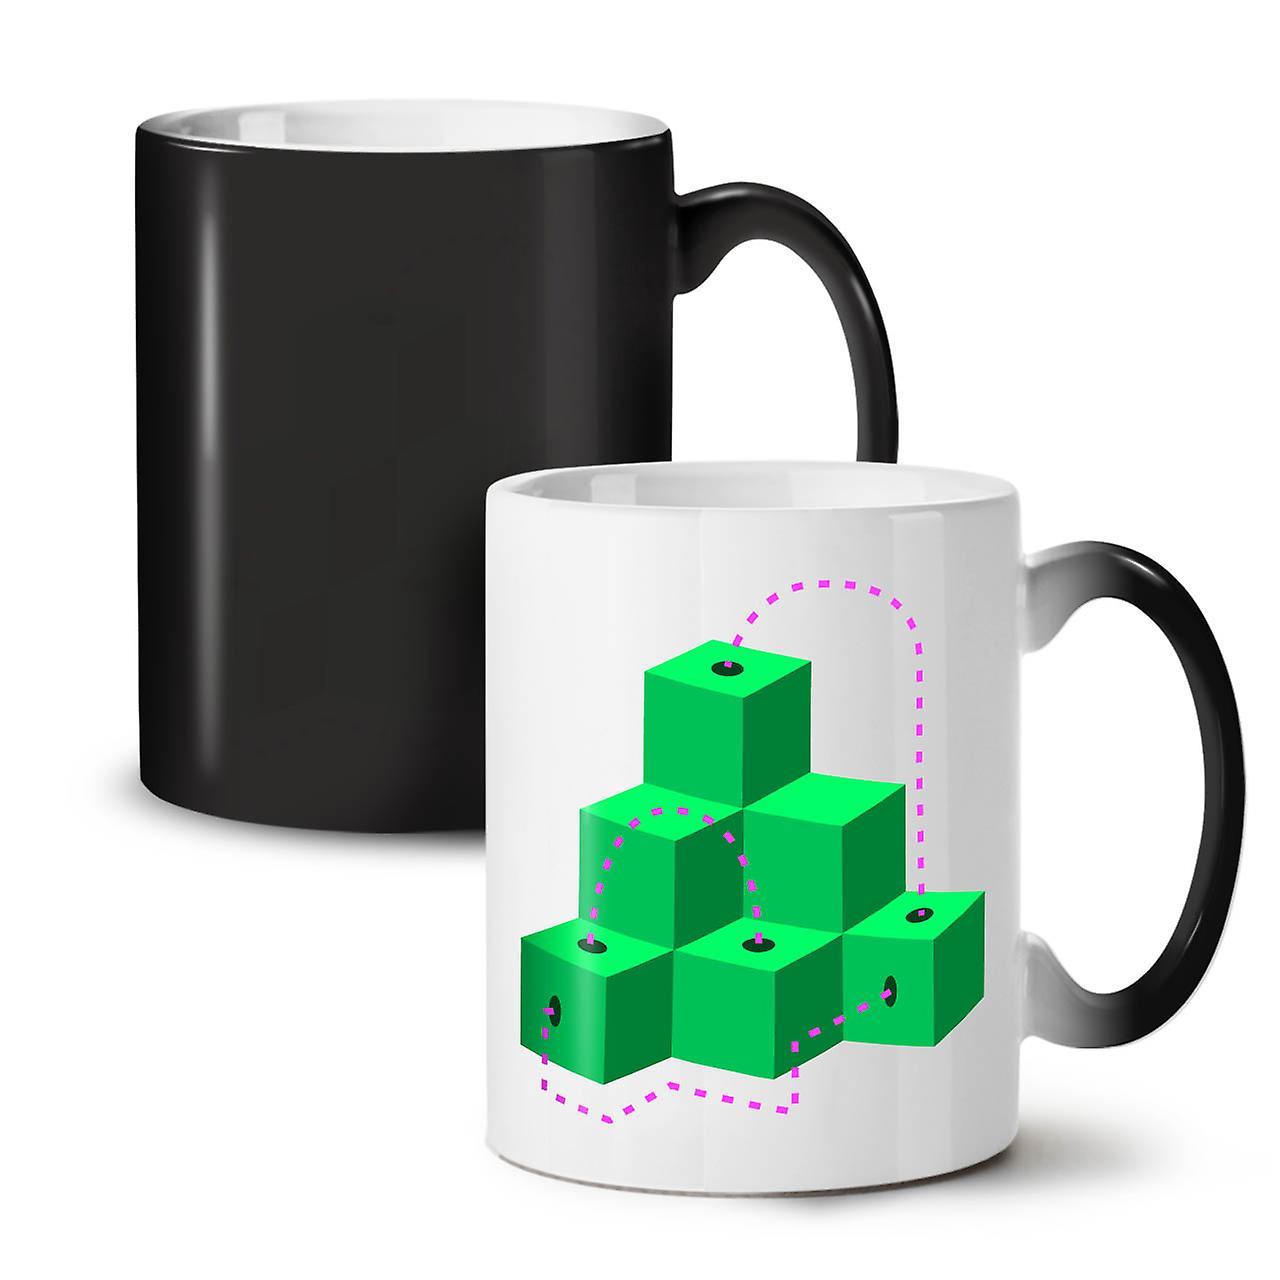 Tasse Mode Impression De Cube Thé Noir Céramique Café OzWellcoda Nouvelle Changeant Couleur 11 v8nmNw0